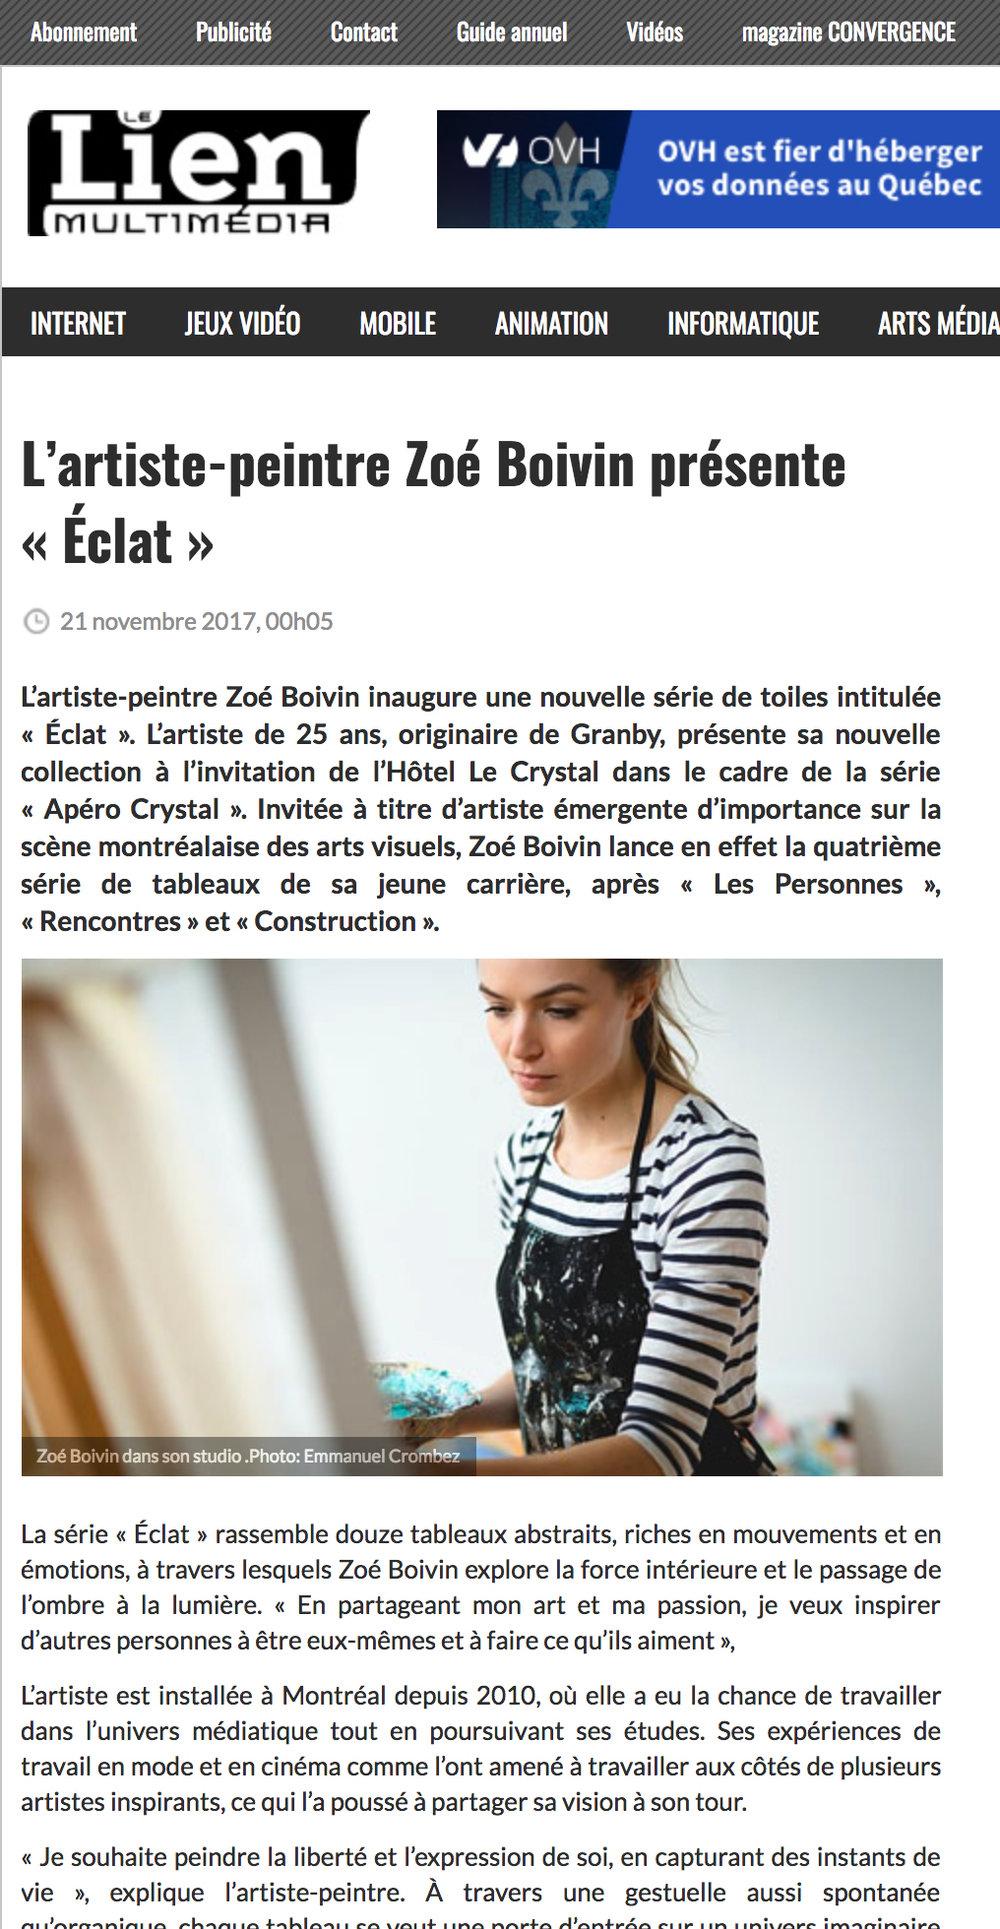 """L'artiste-peintre Zoé Boivin présente """"Éclat"""". Steeve Laprise. Lien Multimédia , 21 novembre 2017. L'article complet  ici ."""